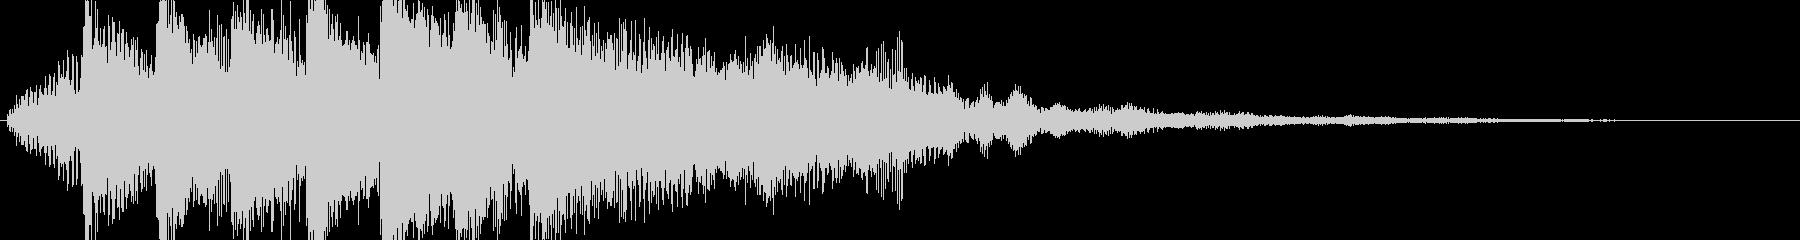 ピアノとシンセの音が印象的なサウンドロゴの未再生の波形